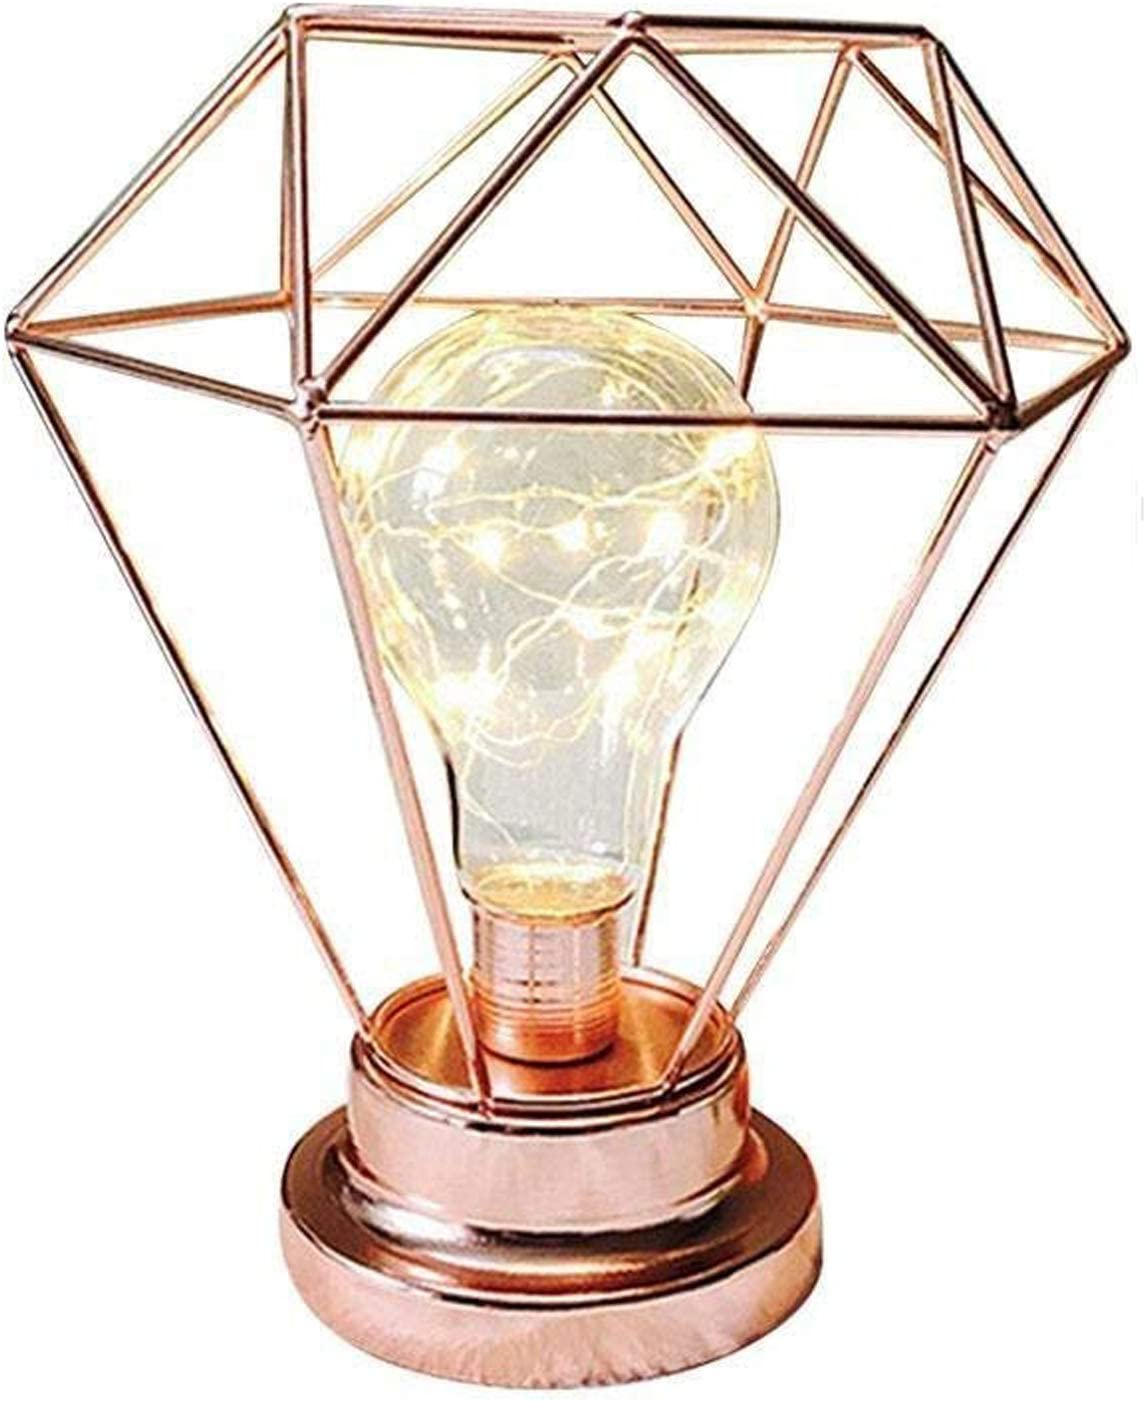 Ros/égold Hotel Metall Tischlampe,SUAVER Diamond Form Nachttischlampe Stehlampe,Batteriebetrieben Nordic Style Eisen Schreibtischlampe kreative Nachtlicht dekorative Beleuchtung f/ür Schlafzimmer